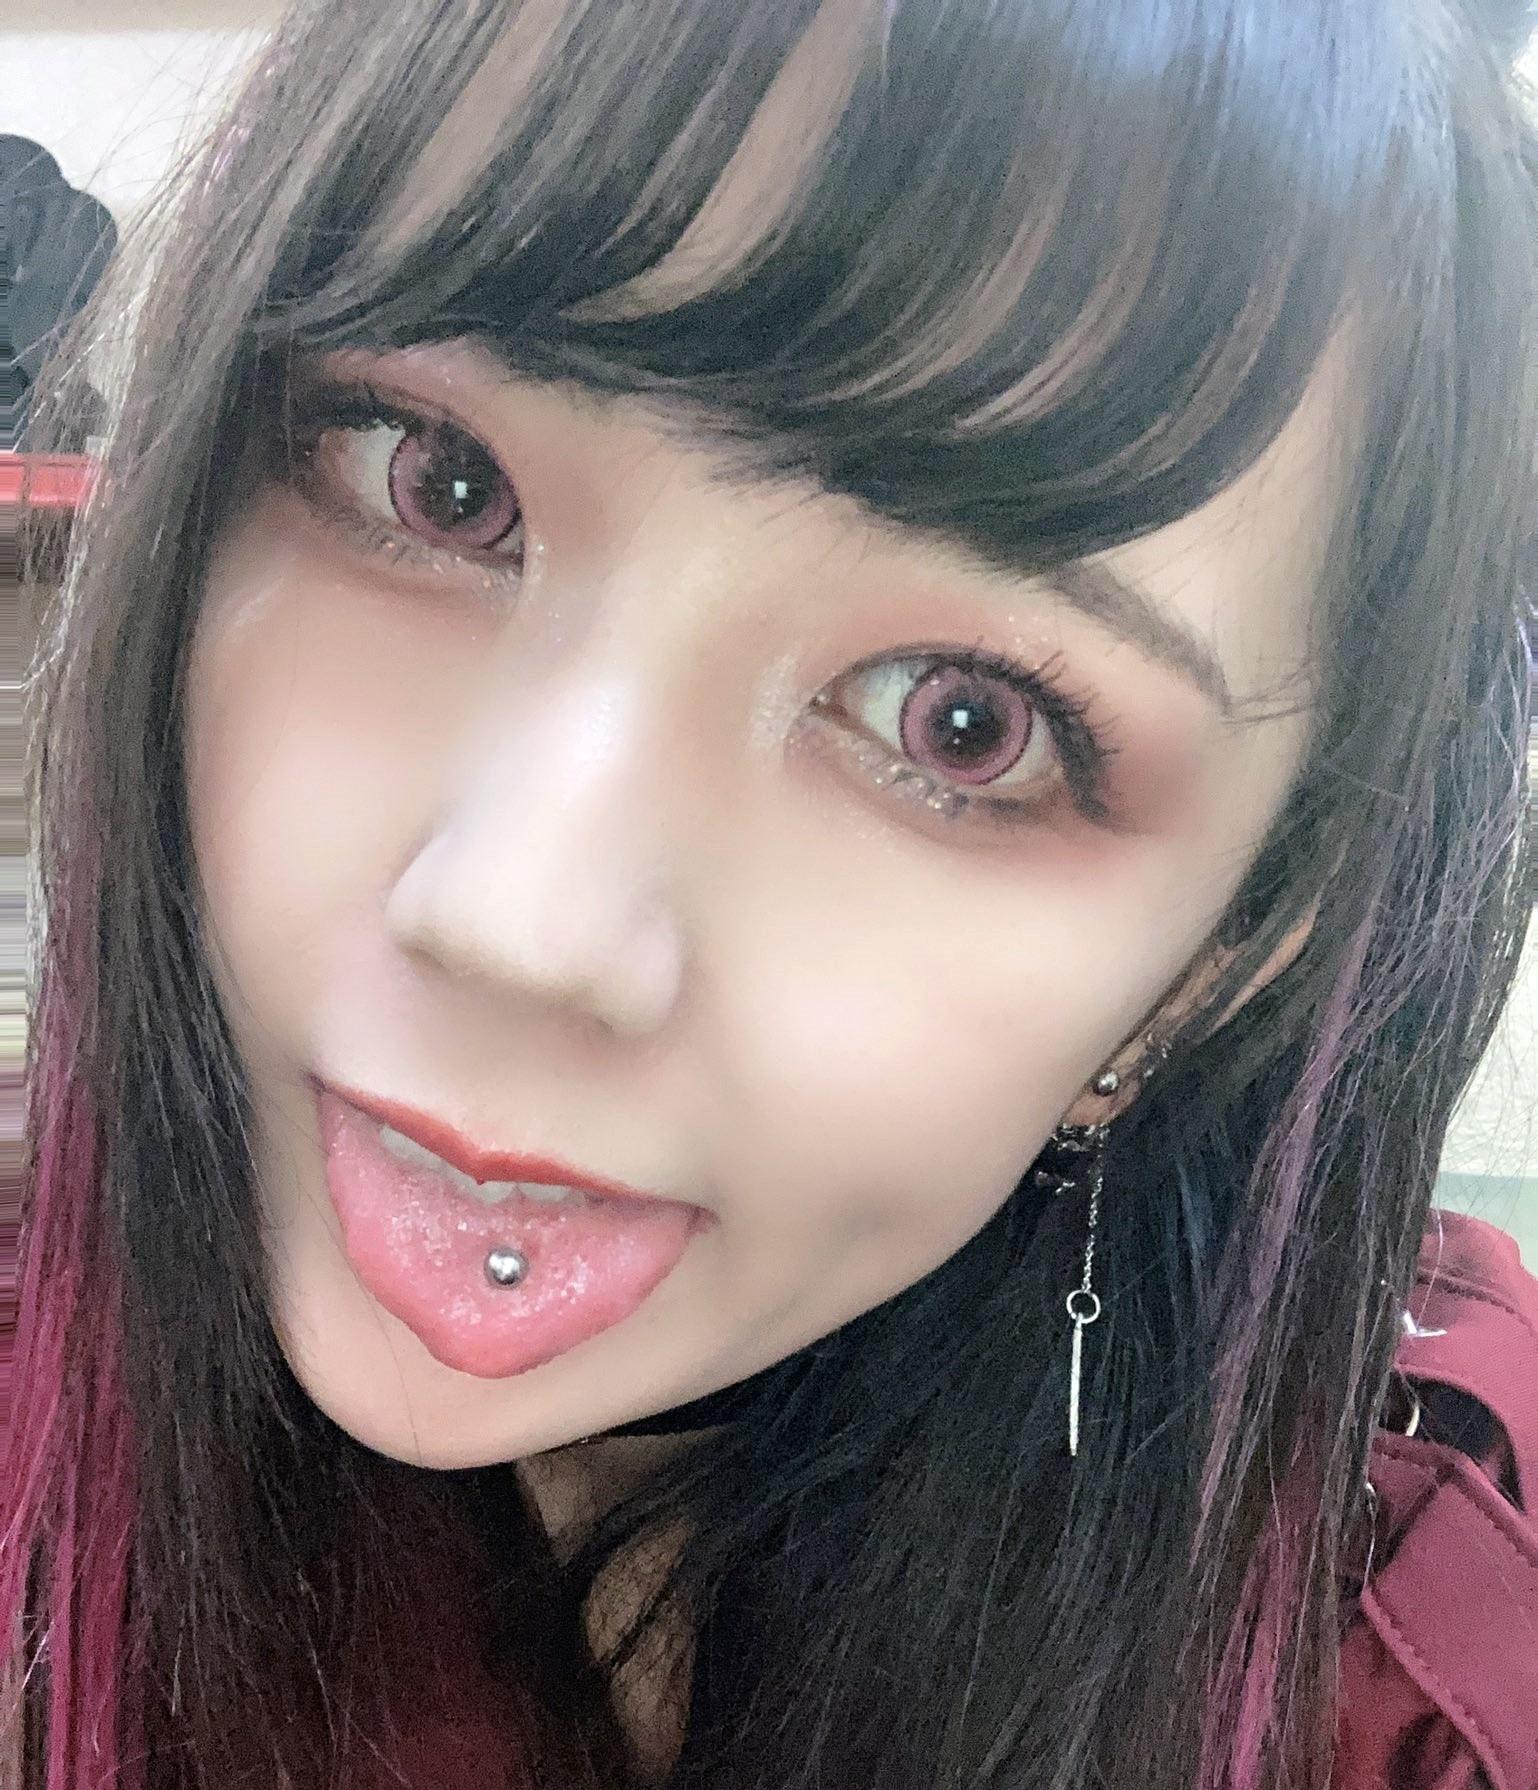 天鬼桃歌のピアス舌 (2)